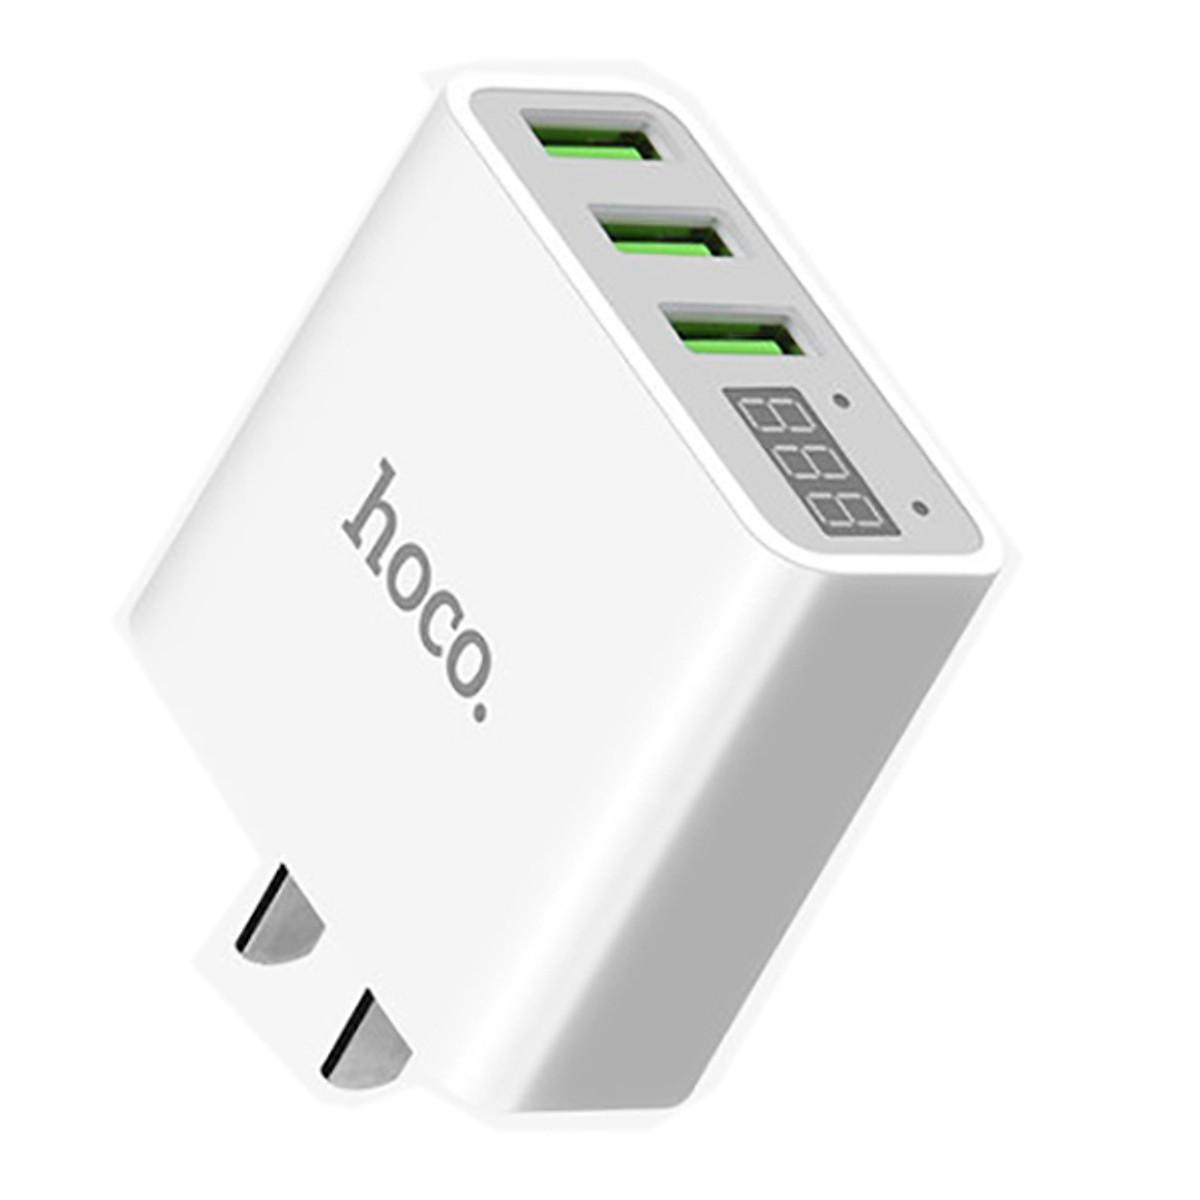 Củ Sạc Điện Thoại  Hoco C15 - 3 Cổng USB 3A + Tặng Kèm 01 Cáp Sạc IPhone - Hàng Chính Hãng